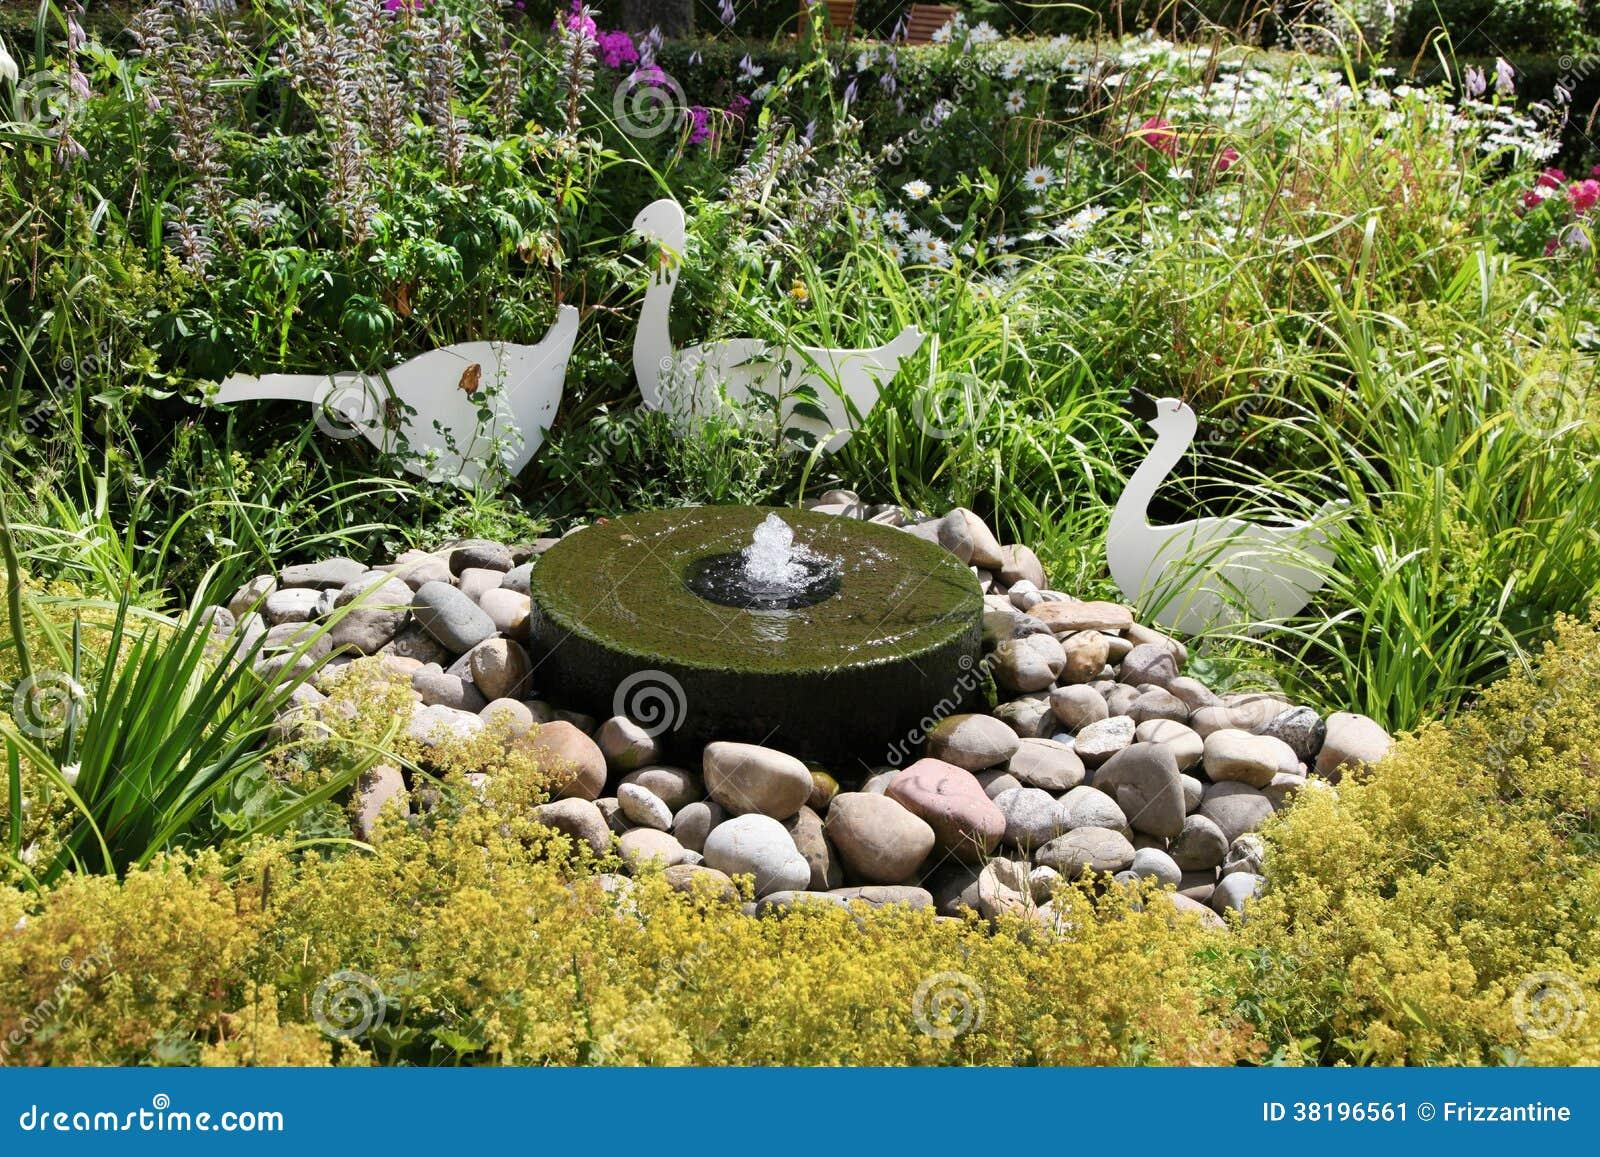 sluit omhoog van een fontein met stenen en installaties bij een tuin stock afbeelding